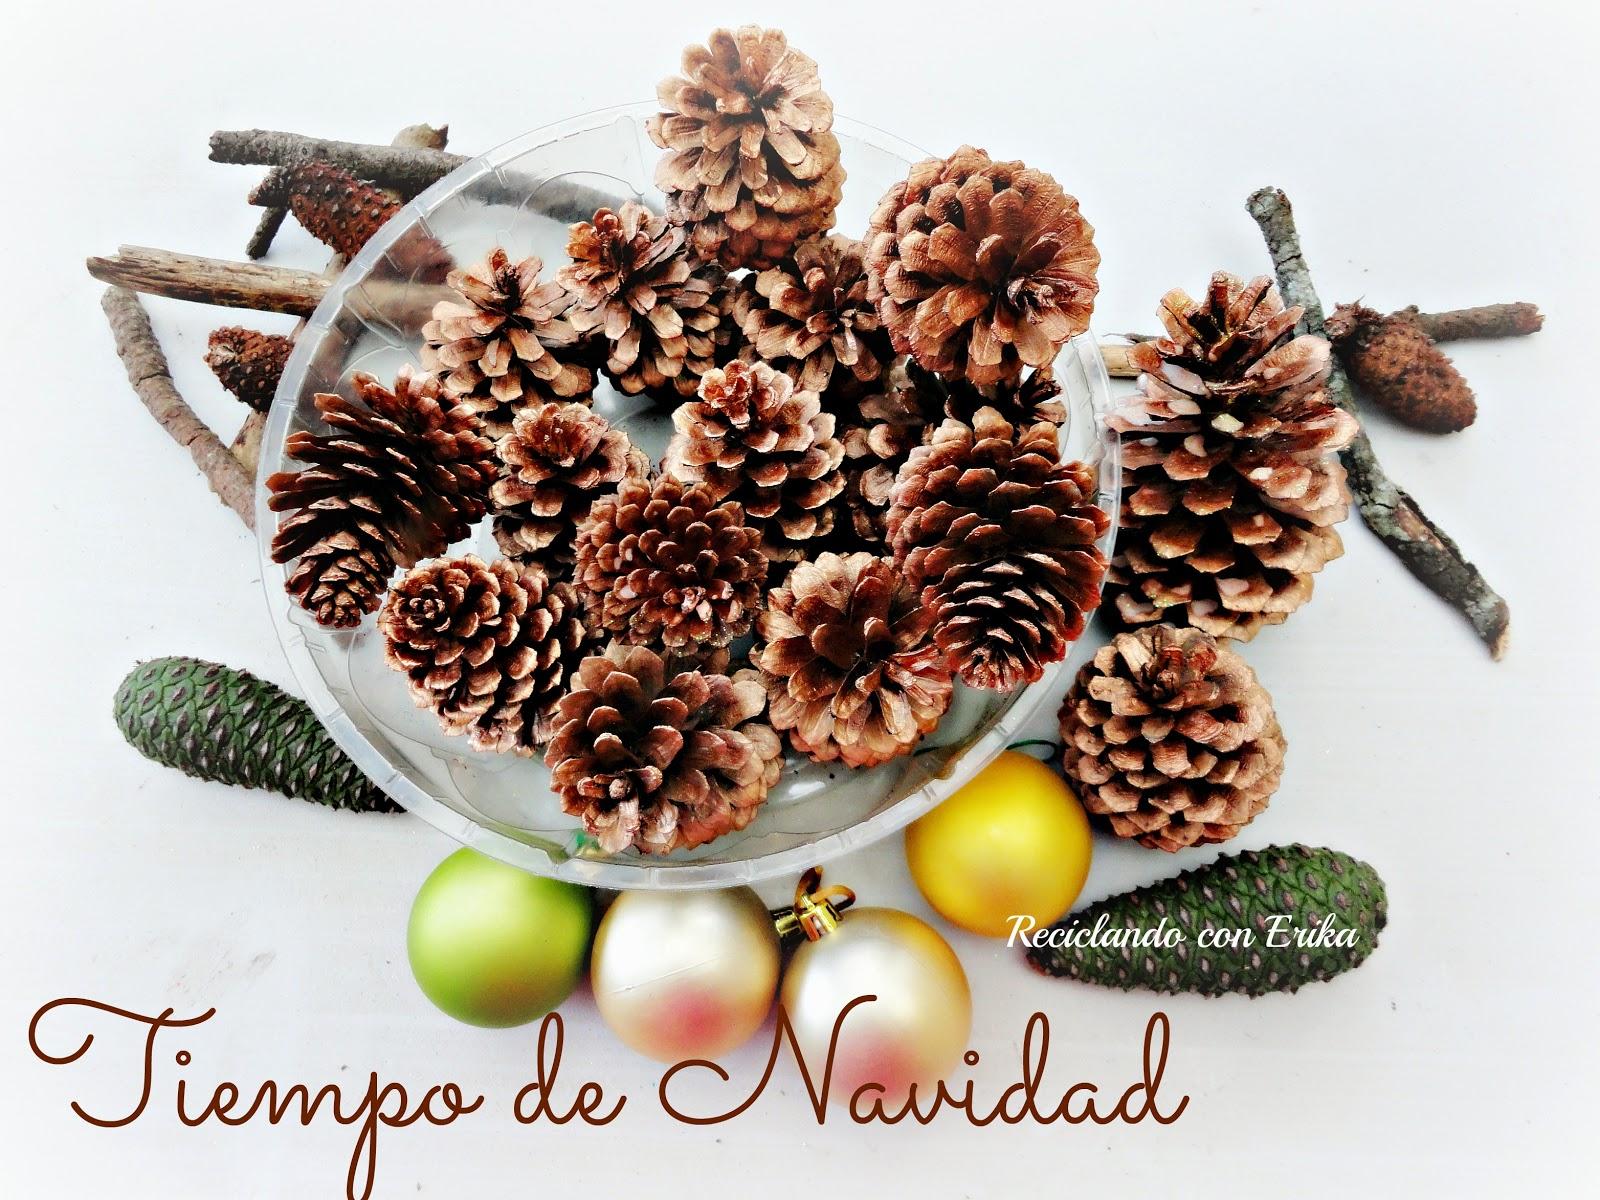 Reciclando con erika decorando pi as para navidad - Decoracion navidena con pinas ...